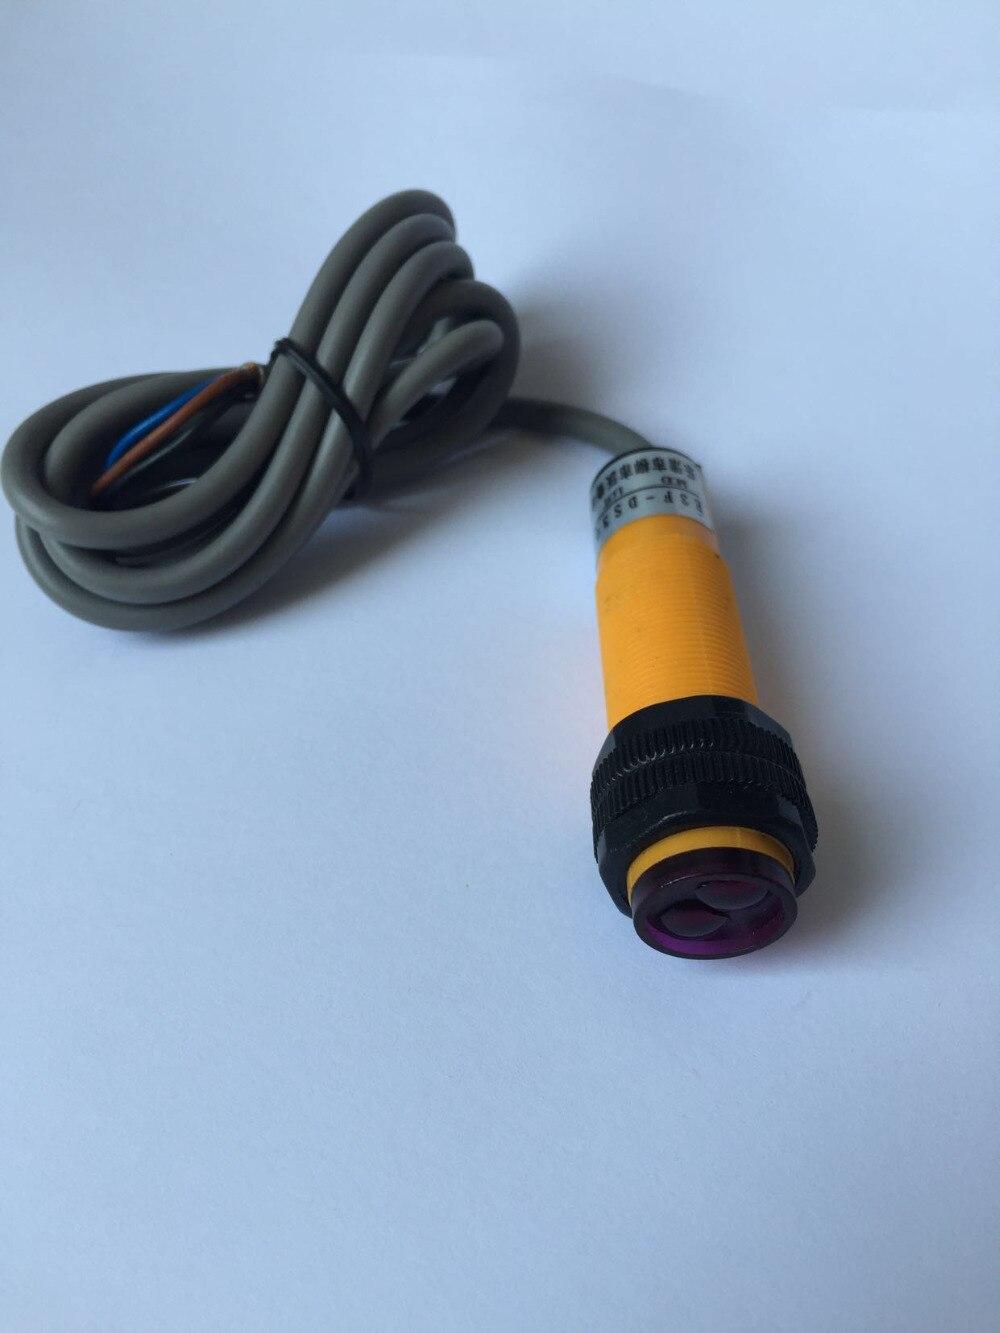 الكهروضوئي التبديل E18-B01A1 الأشعة تحت الحمراء منتشر انعكاس الاستشعار AC عادة فتح 220V